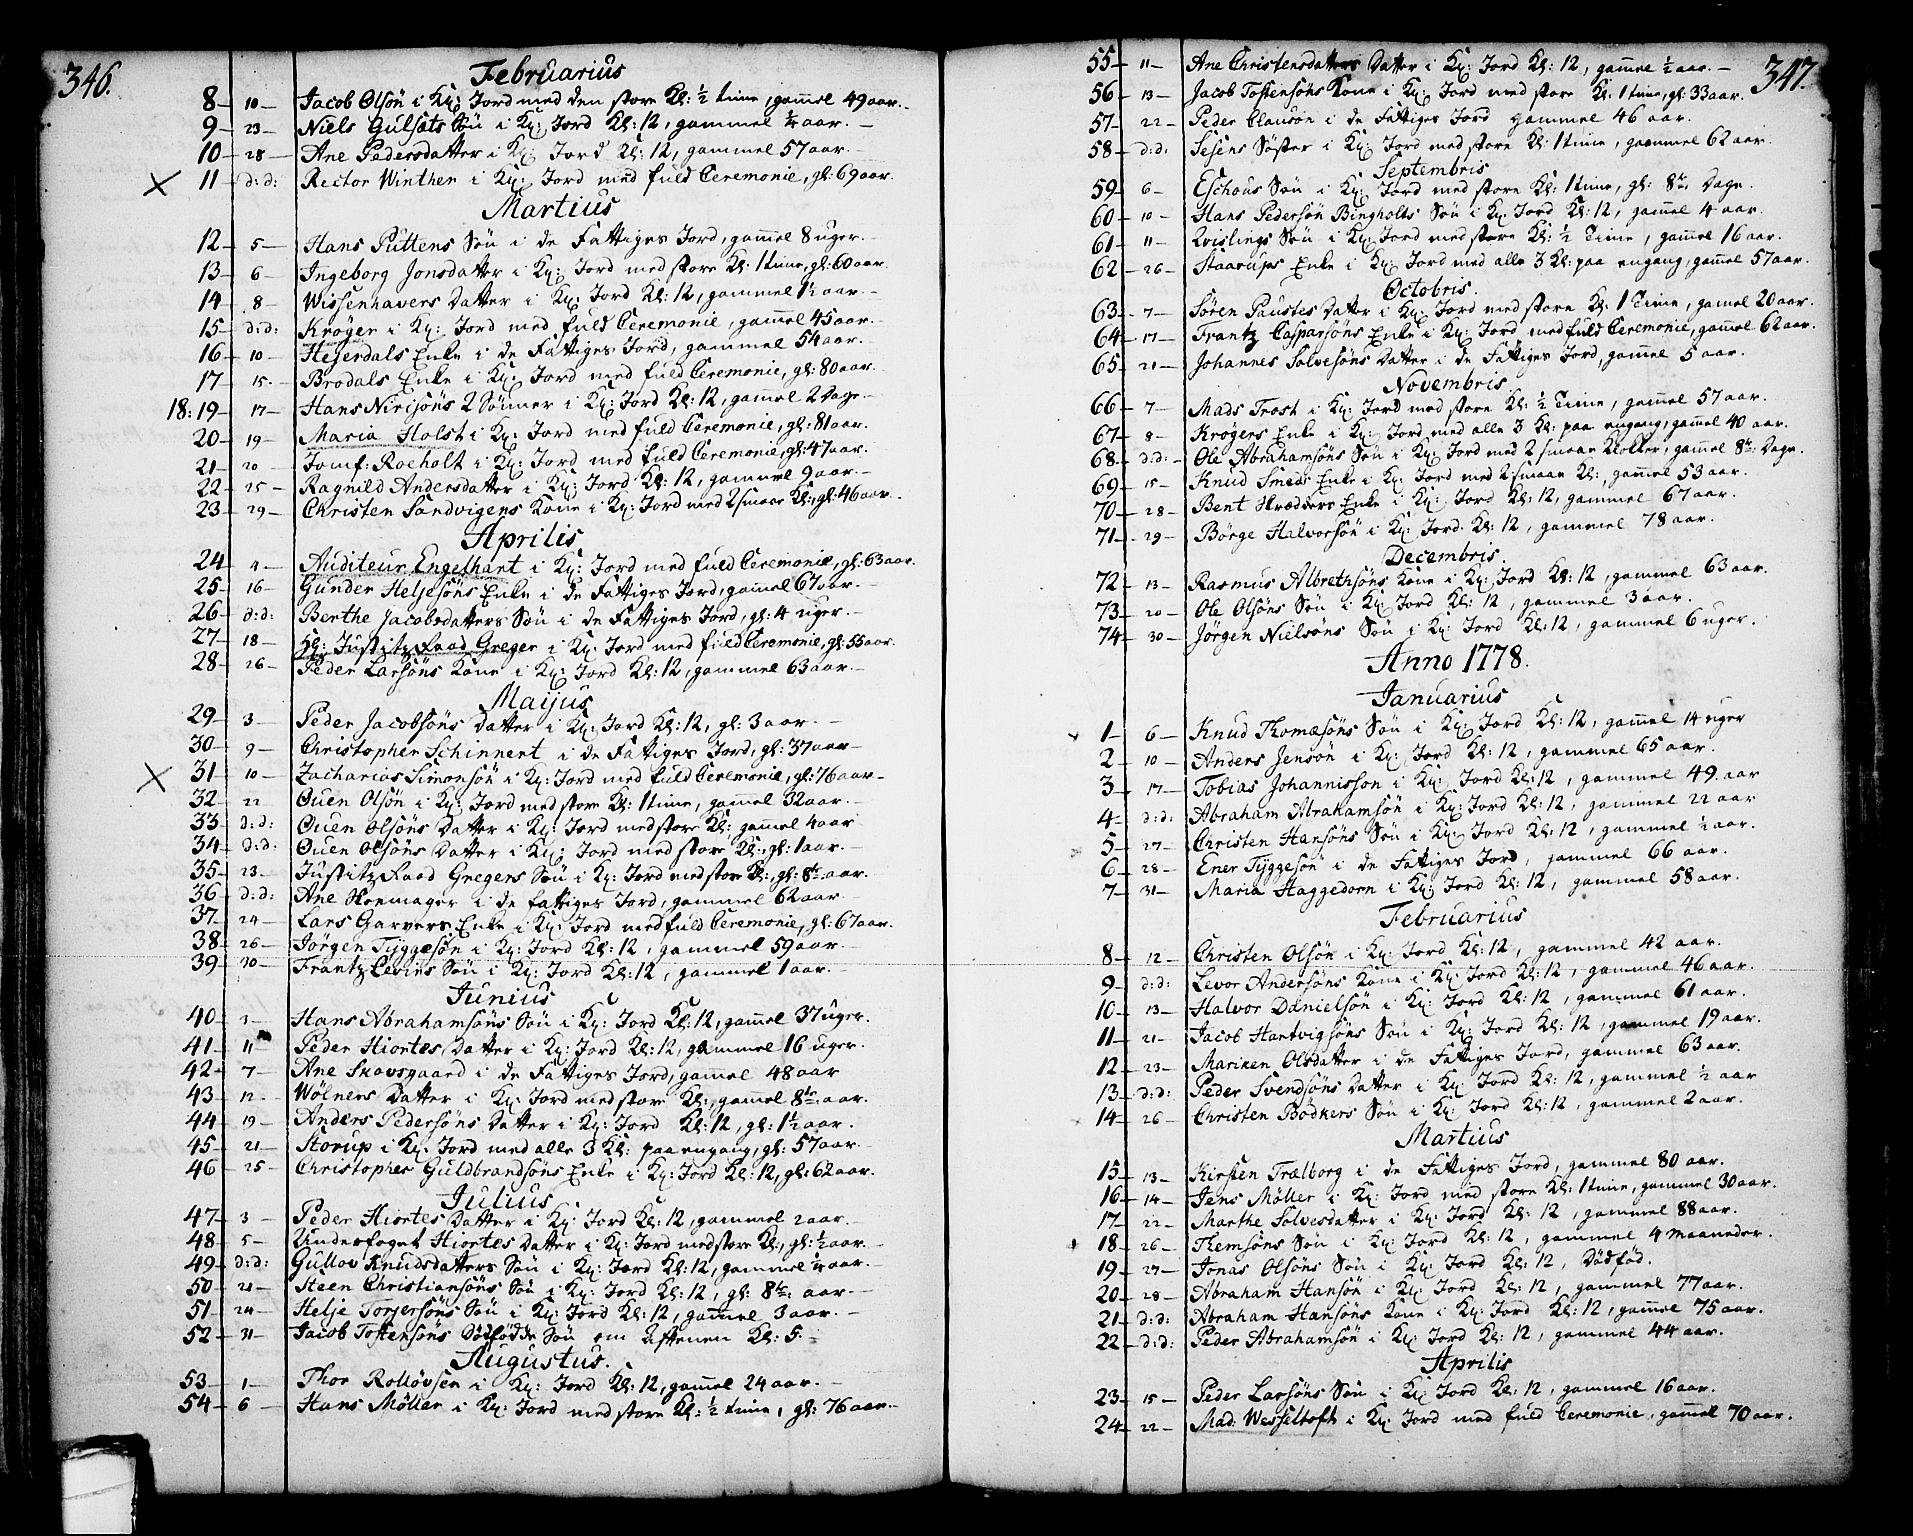 SAKO, Skien kirkebøker, F/Fa/L0003: Ministerialbok nr. 3, 1755-1791, s. 346-347